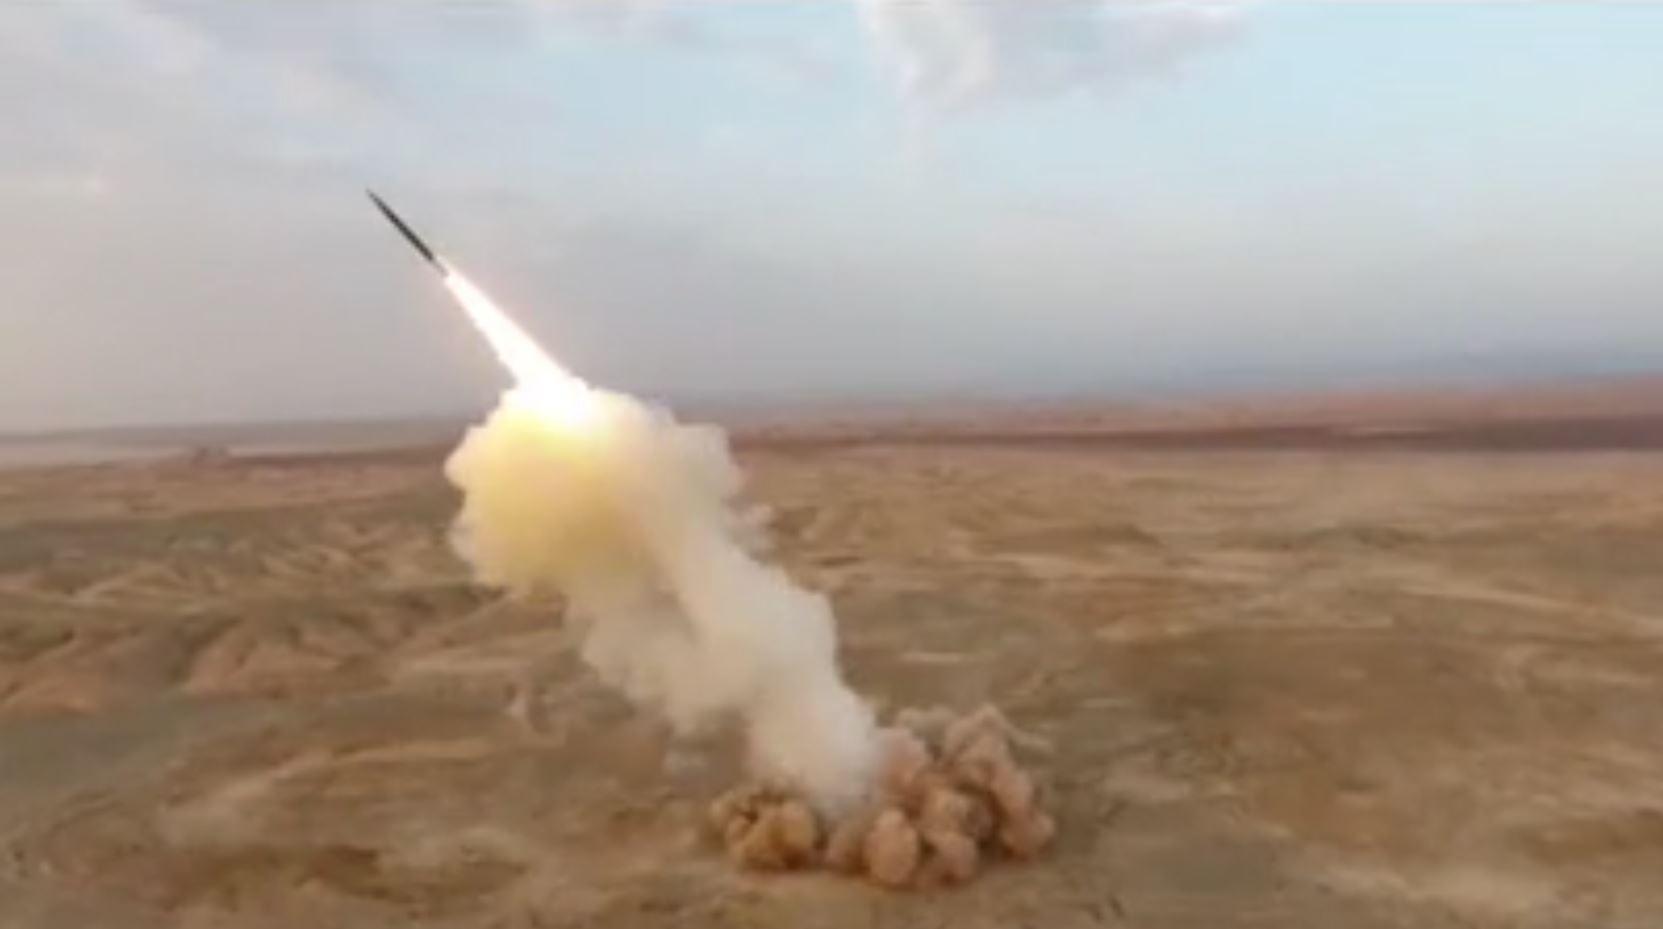 إطلاق صواريخ باليستية من مواقع تحت الأرض في إيران!